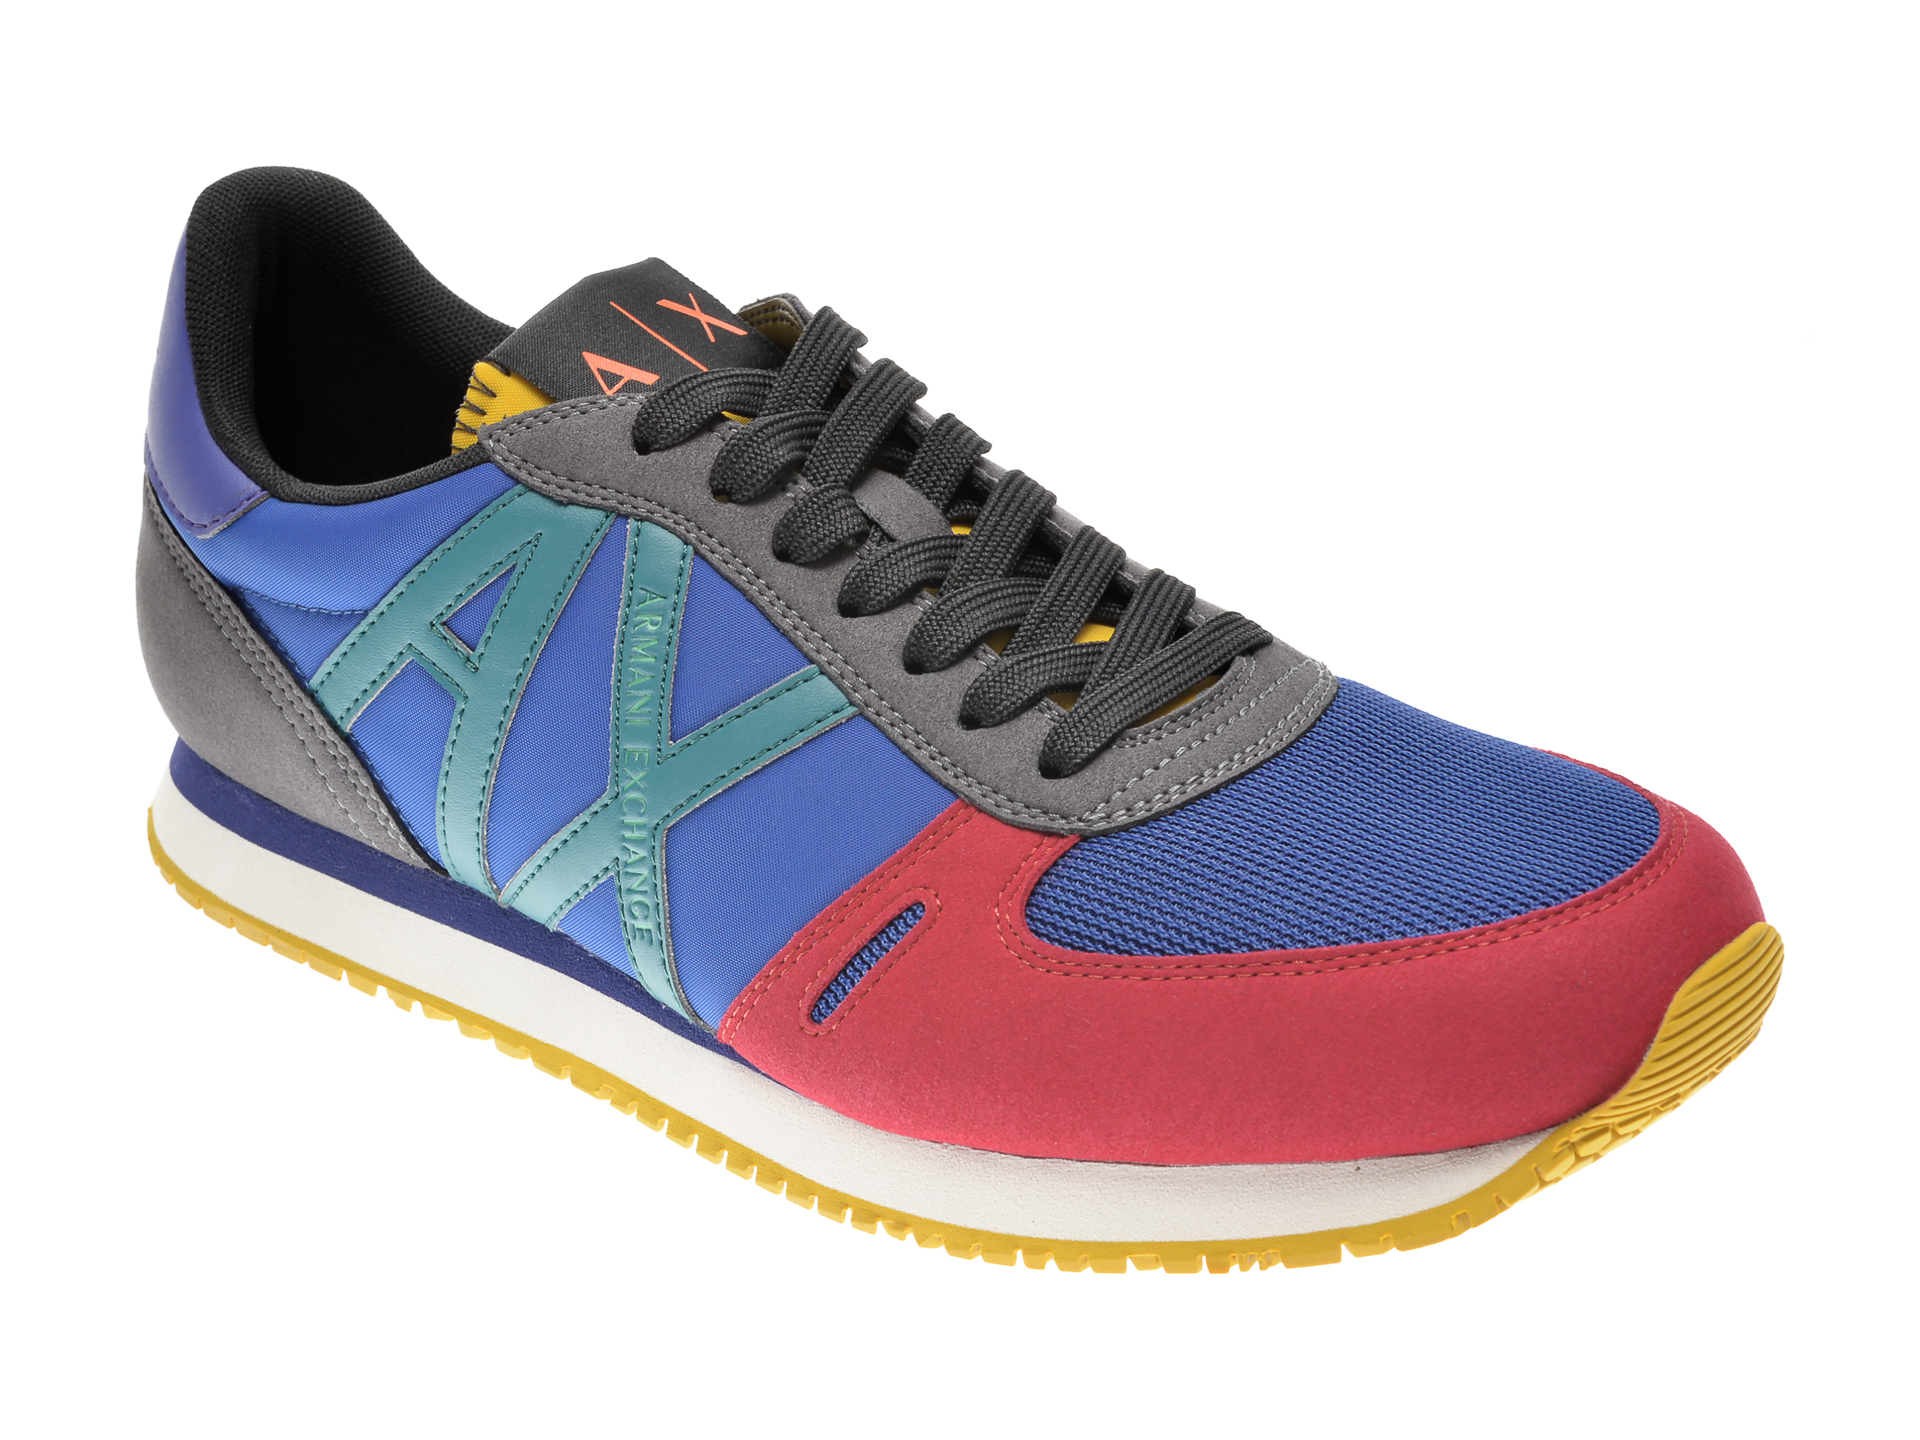 Pantofi sport ARMANI EXCHANGE multicolor, XUX017, din material textil si piele ecologica imagine